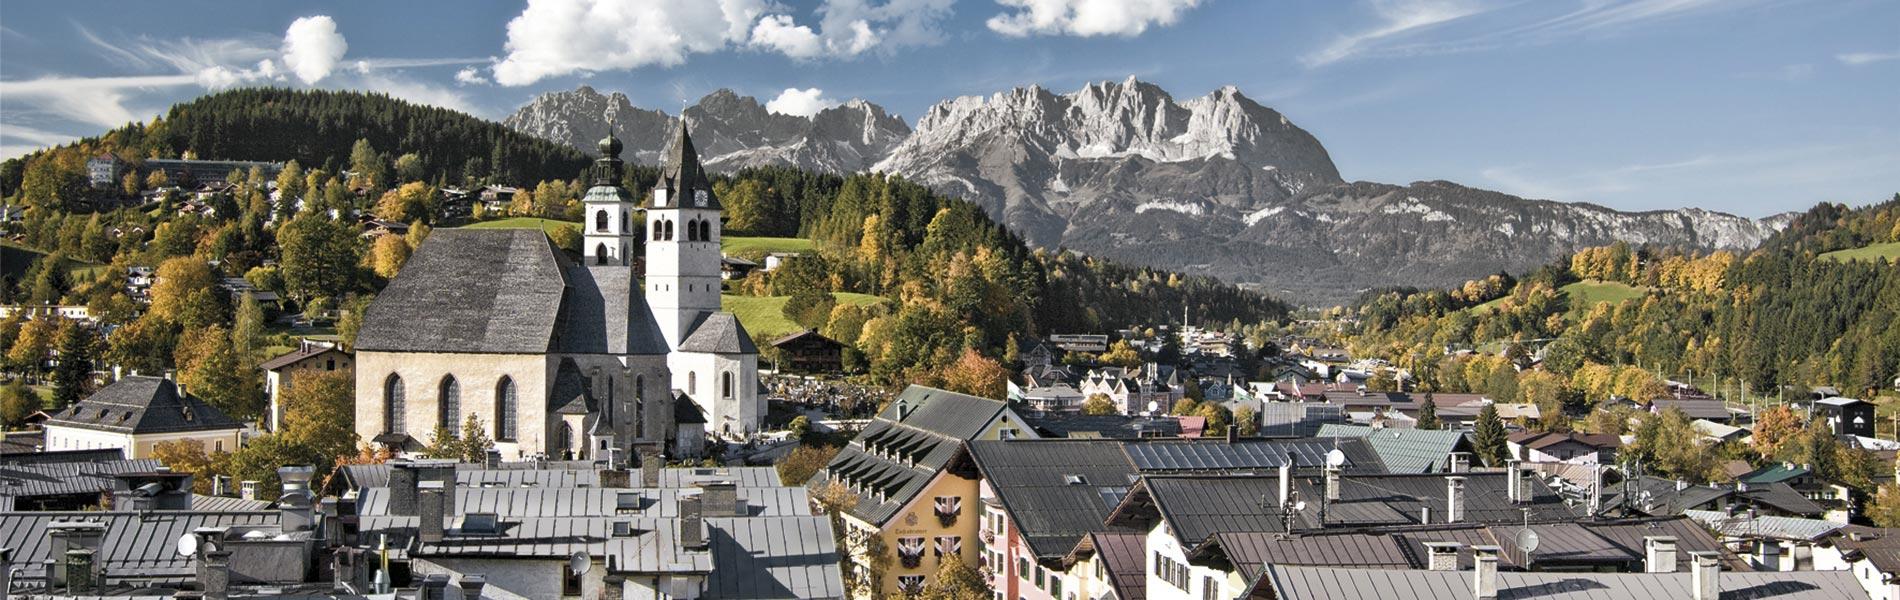 Tennis Hotel Rosengarten 5 Sterne Hotel Relais & Châteaux Hotel Kirchberg Tirol Austria